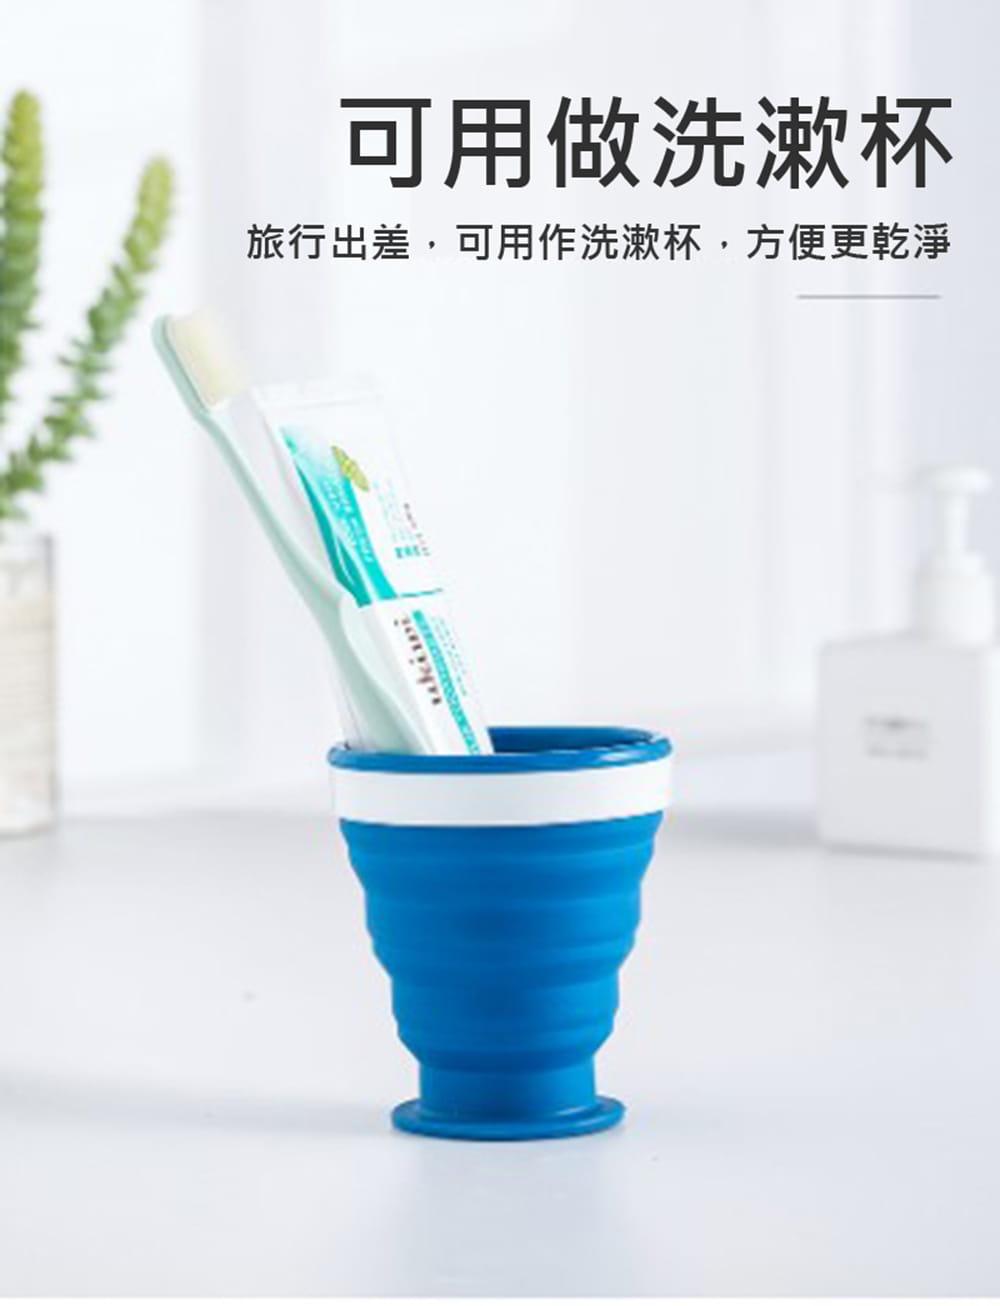 【英才星】太力旅行便攜輕巧摺疊矽膠杯 8